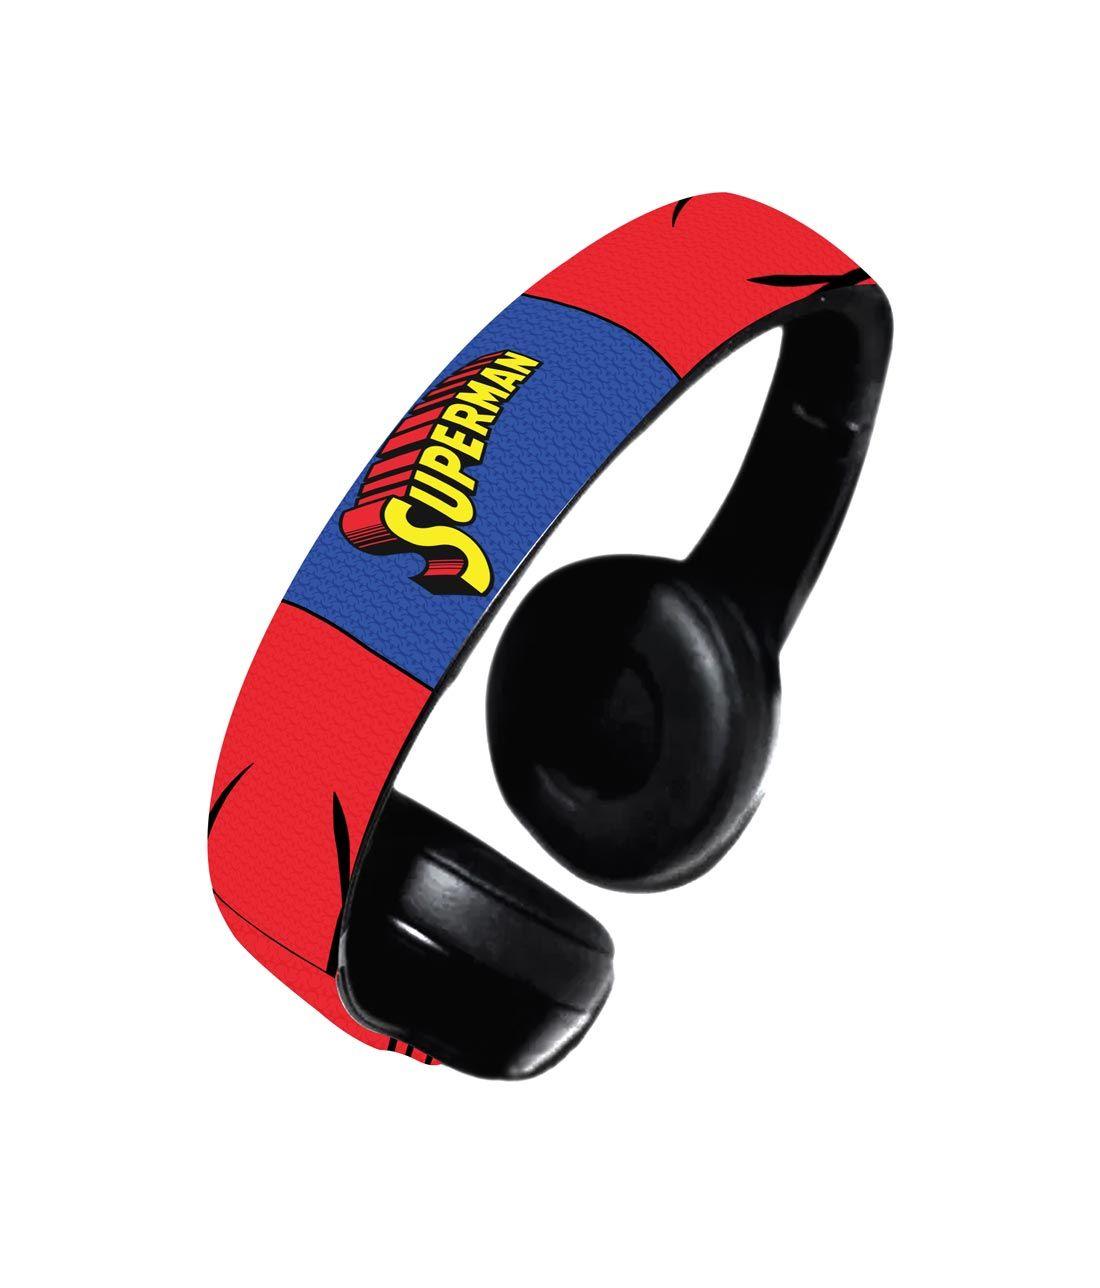 Suit up Superman - Decibel Wireless On Ear Headphones